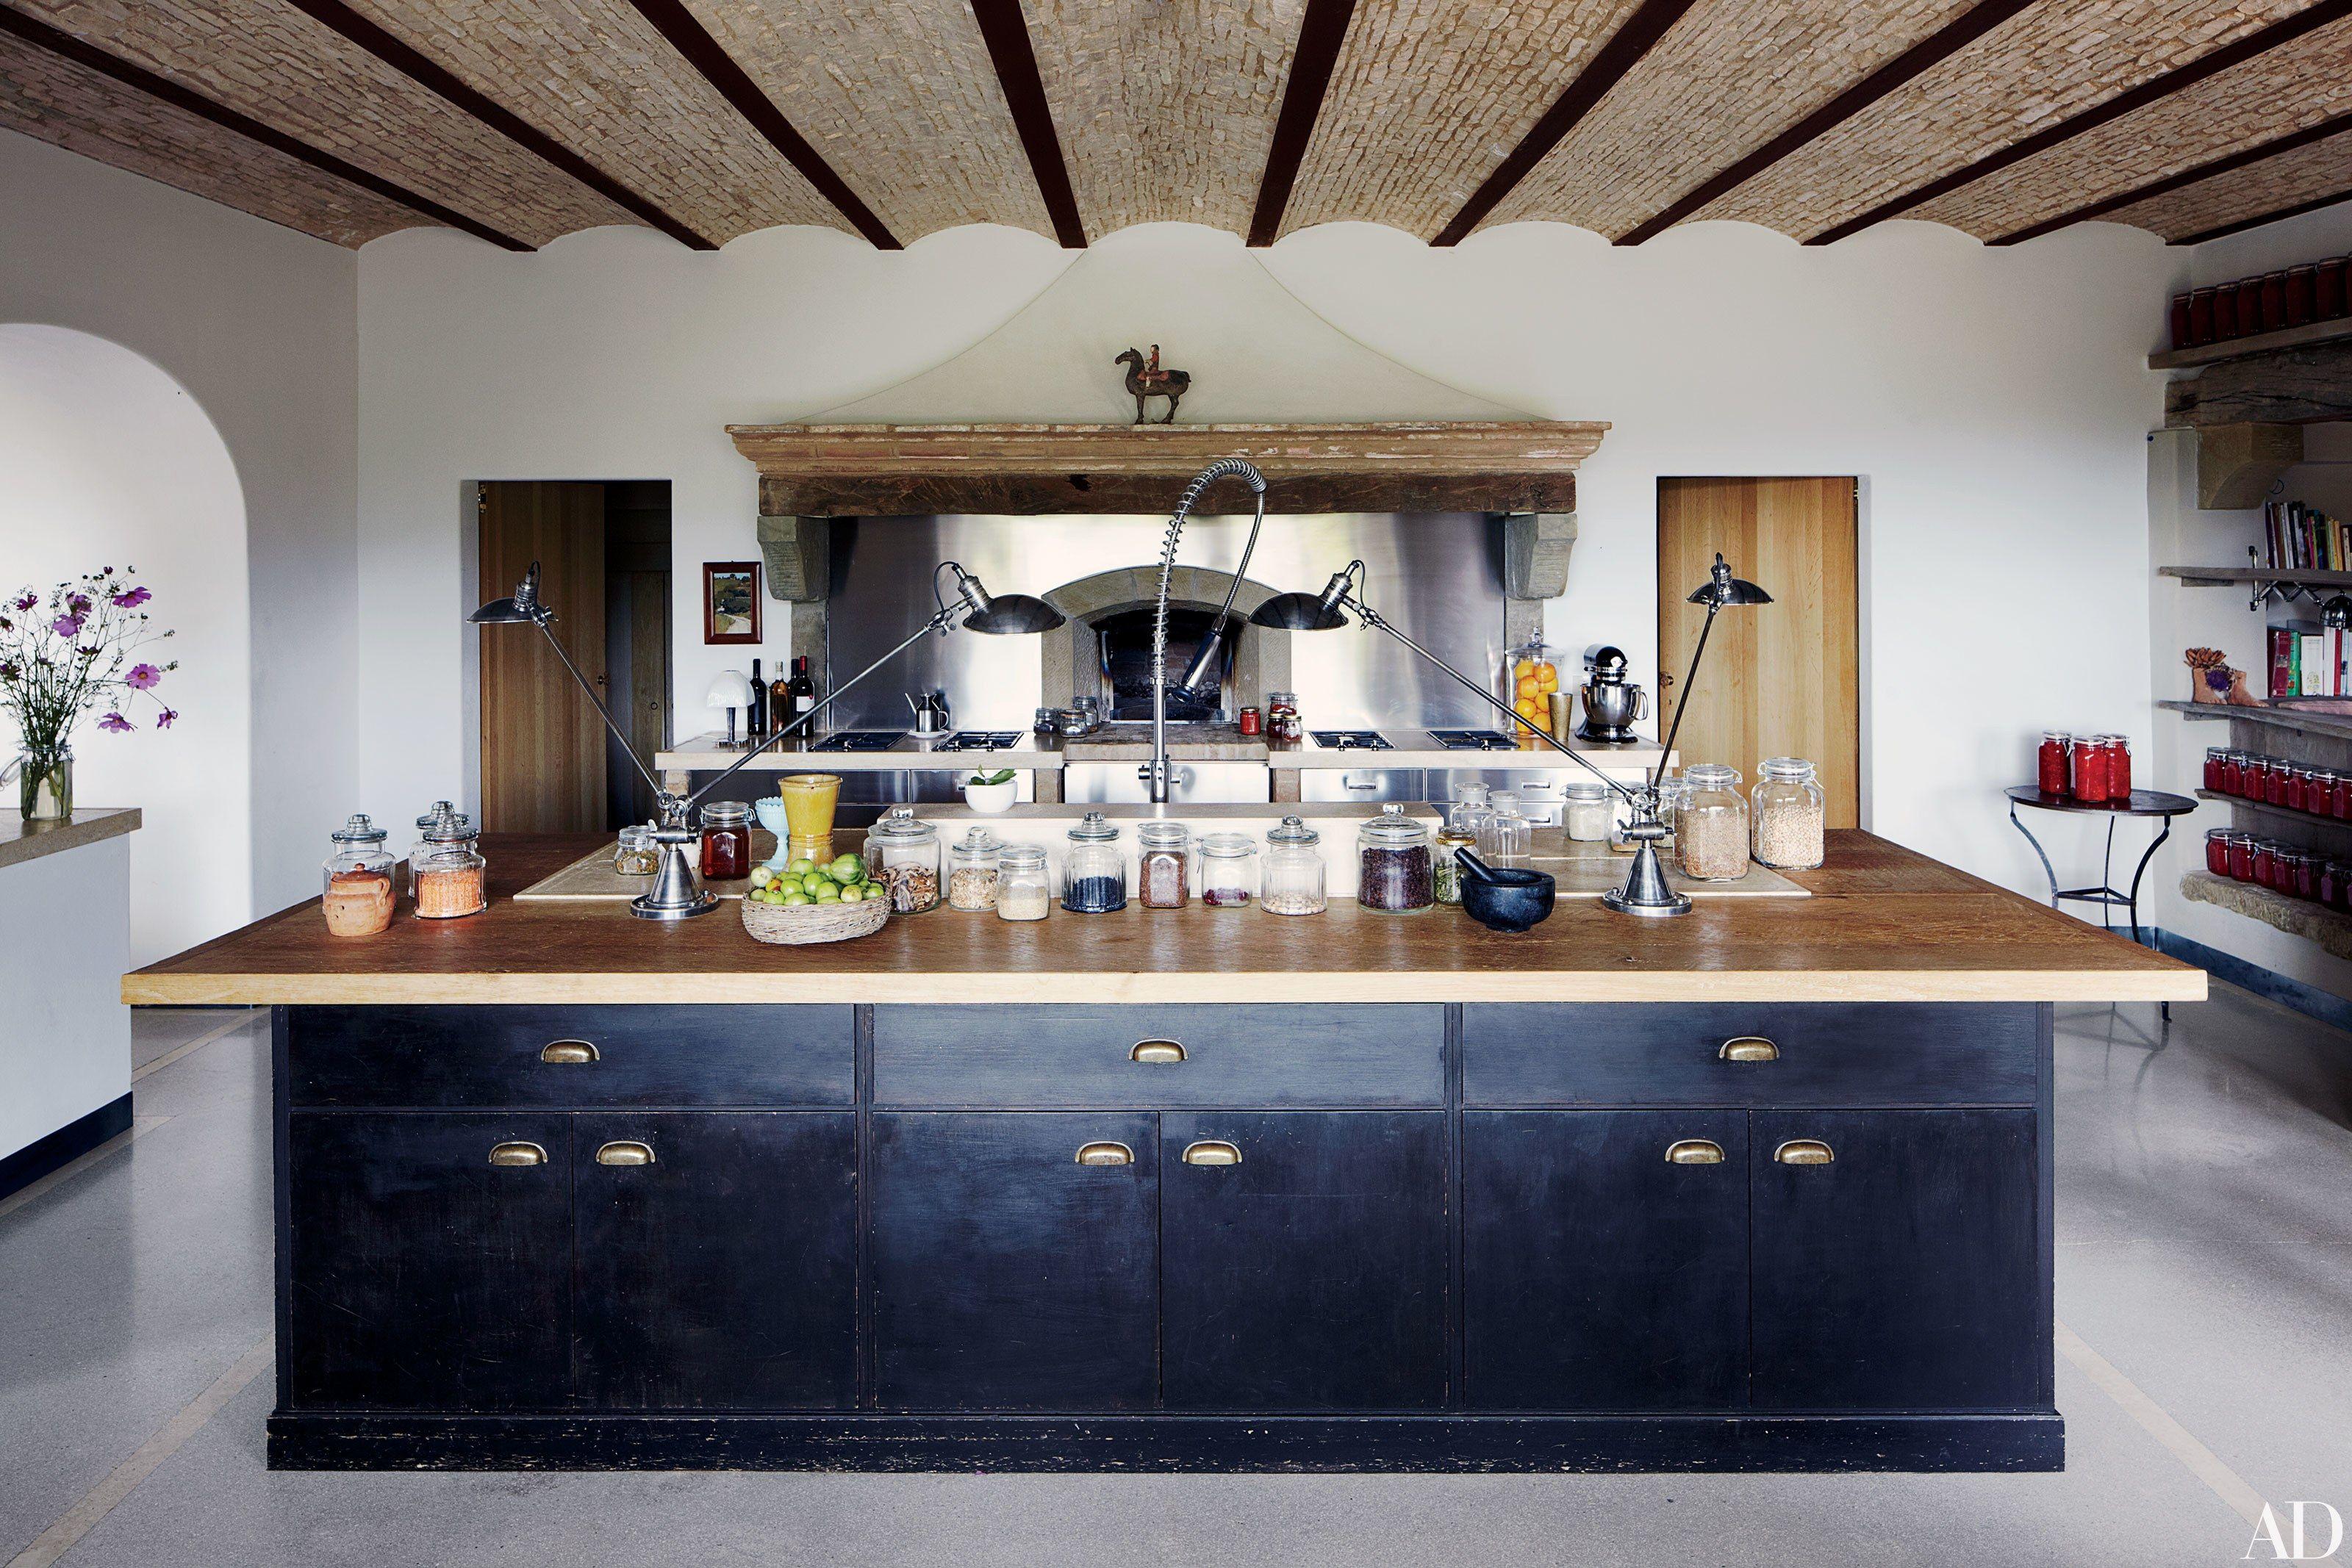 Küchenideen eng küche layout planer fabelhaften küchen bigkitchen benutzerdefinierte